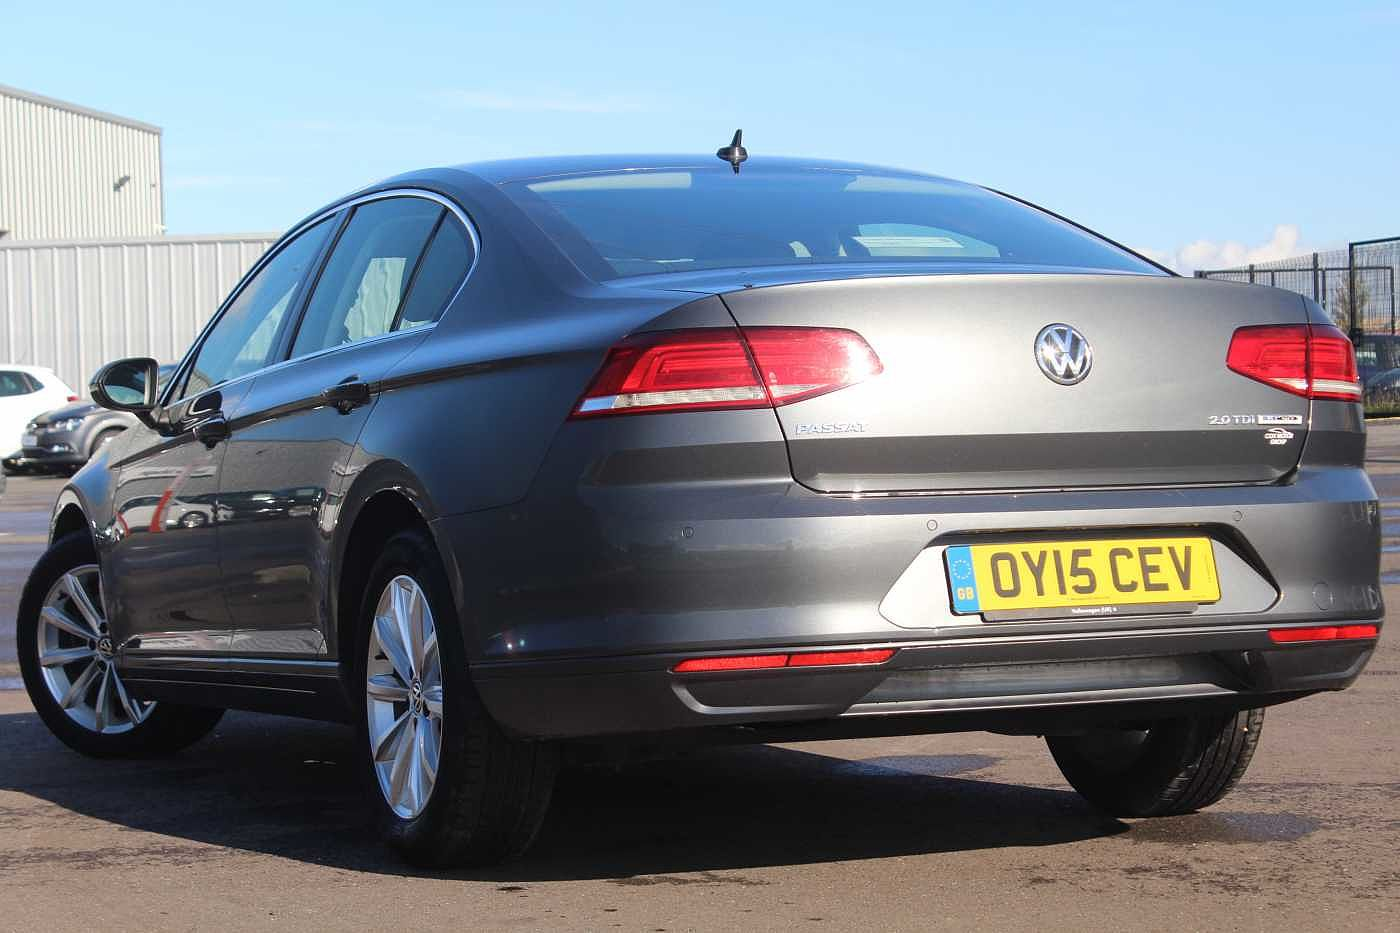 Volkswagen Passat 2.0 TDI SE Business (150 PS) DSG